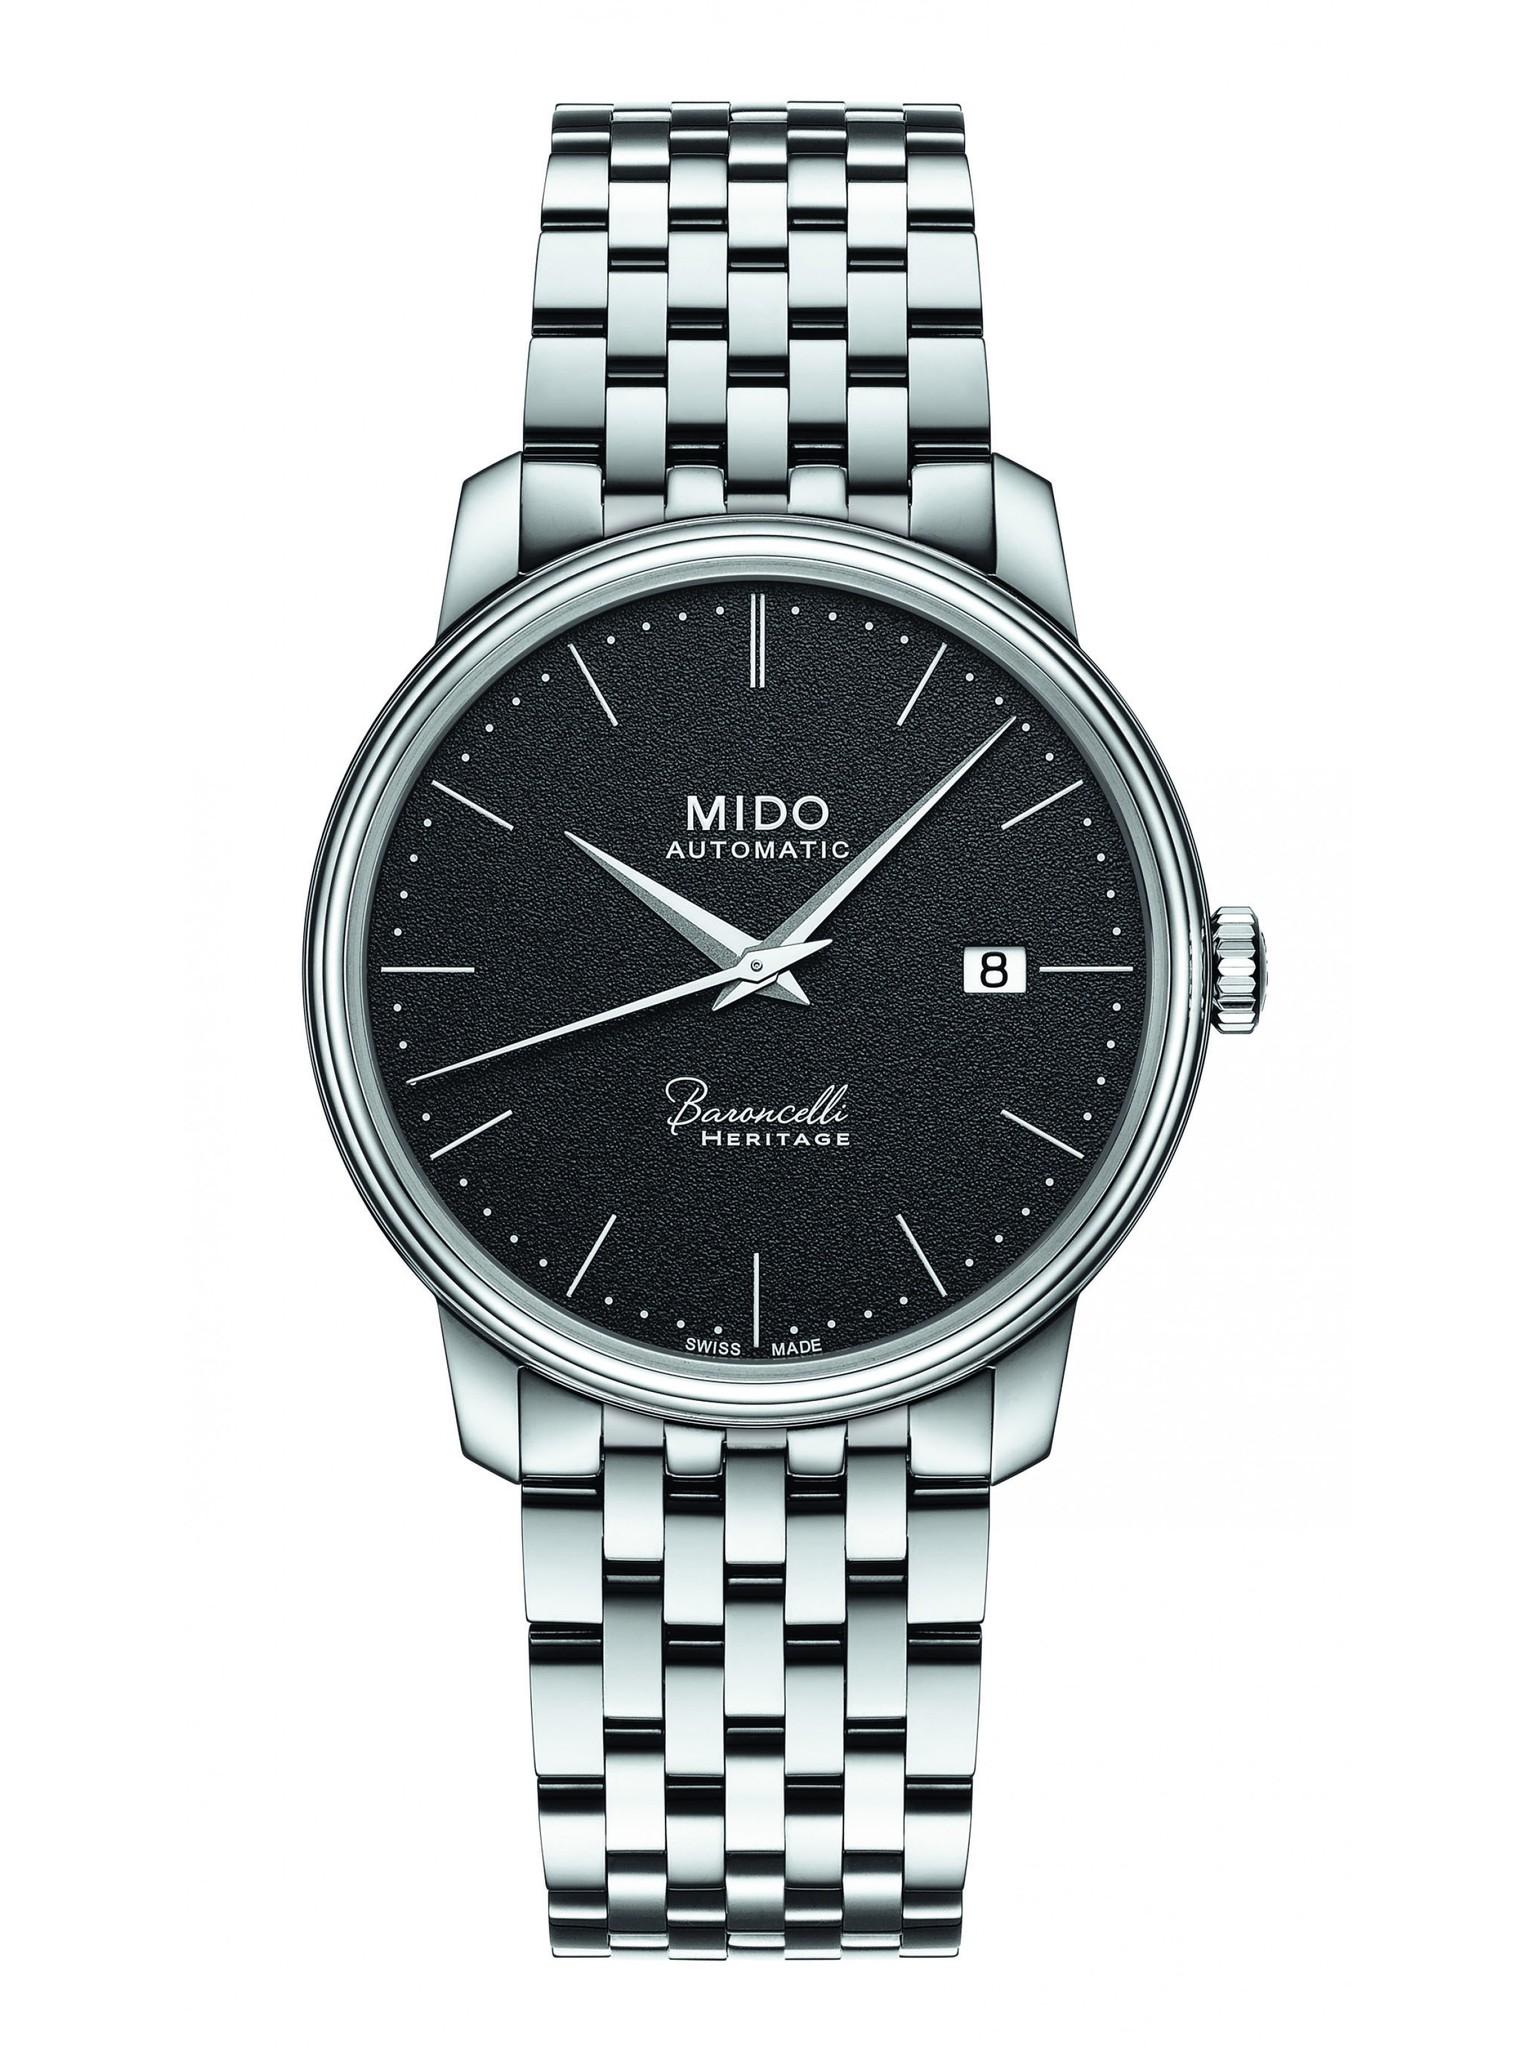 Часы мужские Mido M027.407.11.050.00 Baroncelli